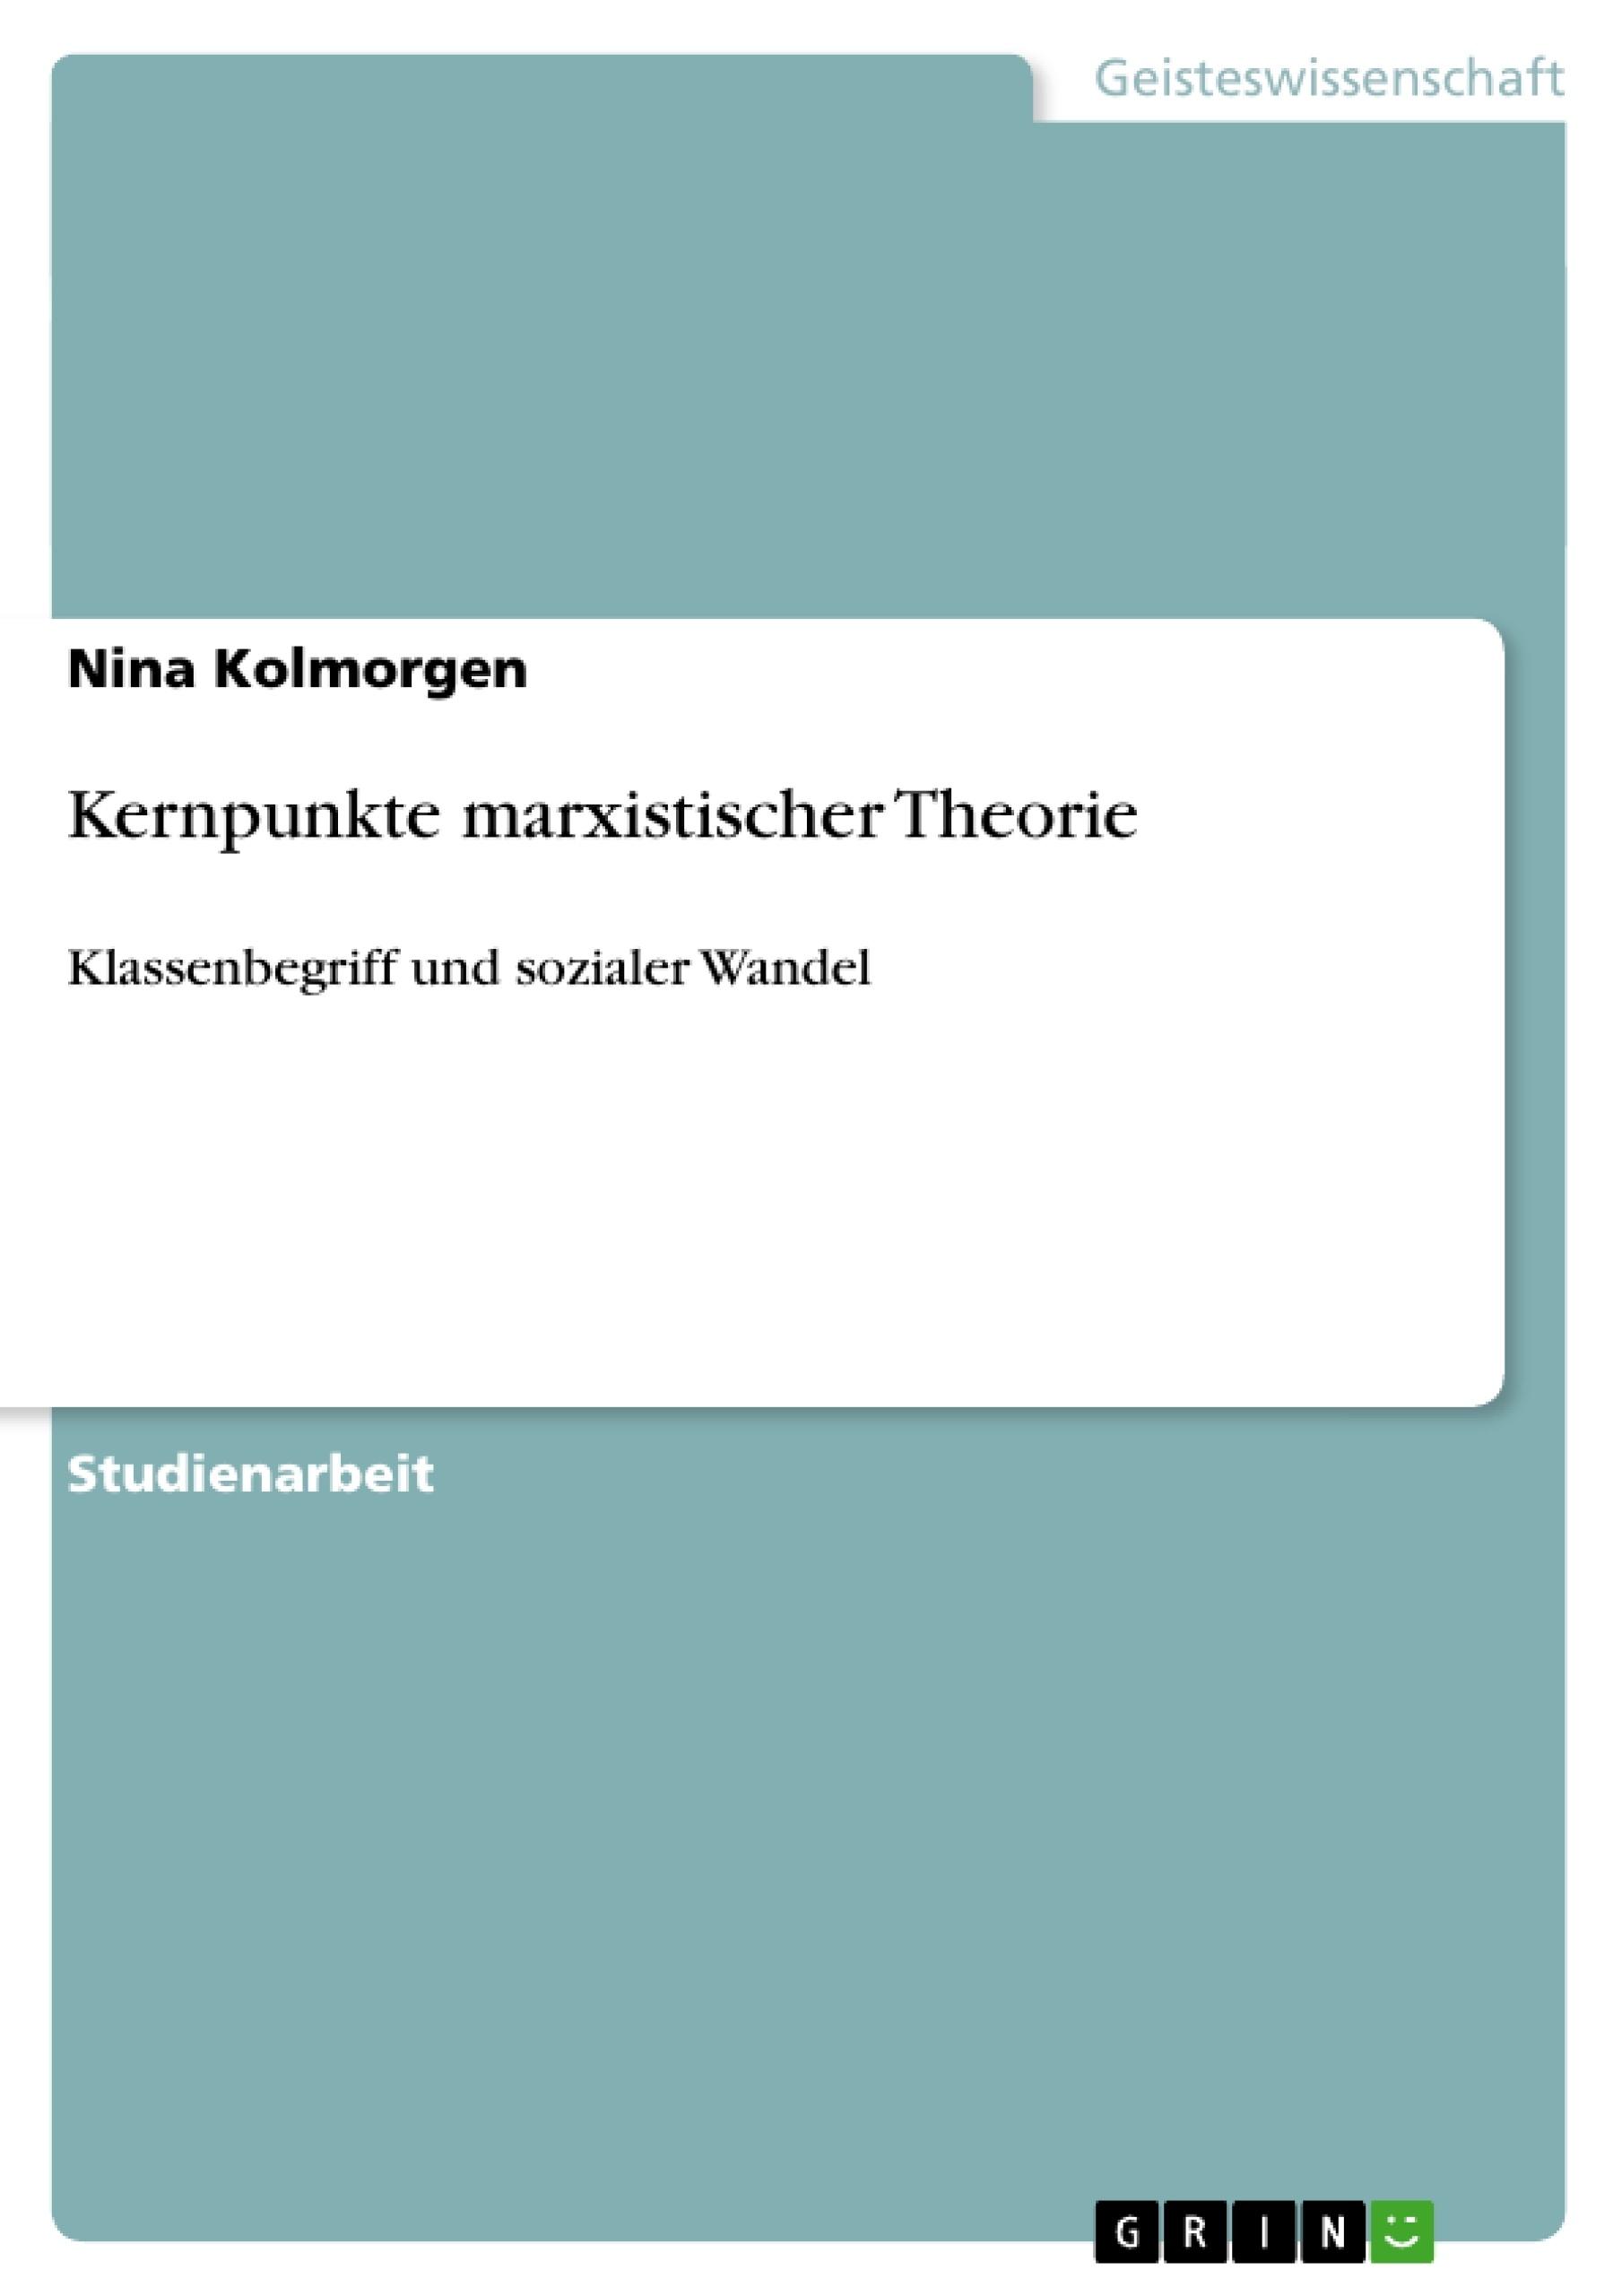 Titel: Kernpunkte marxistischer Theorie